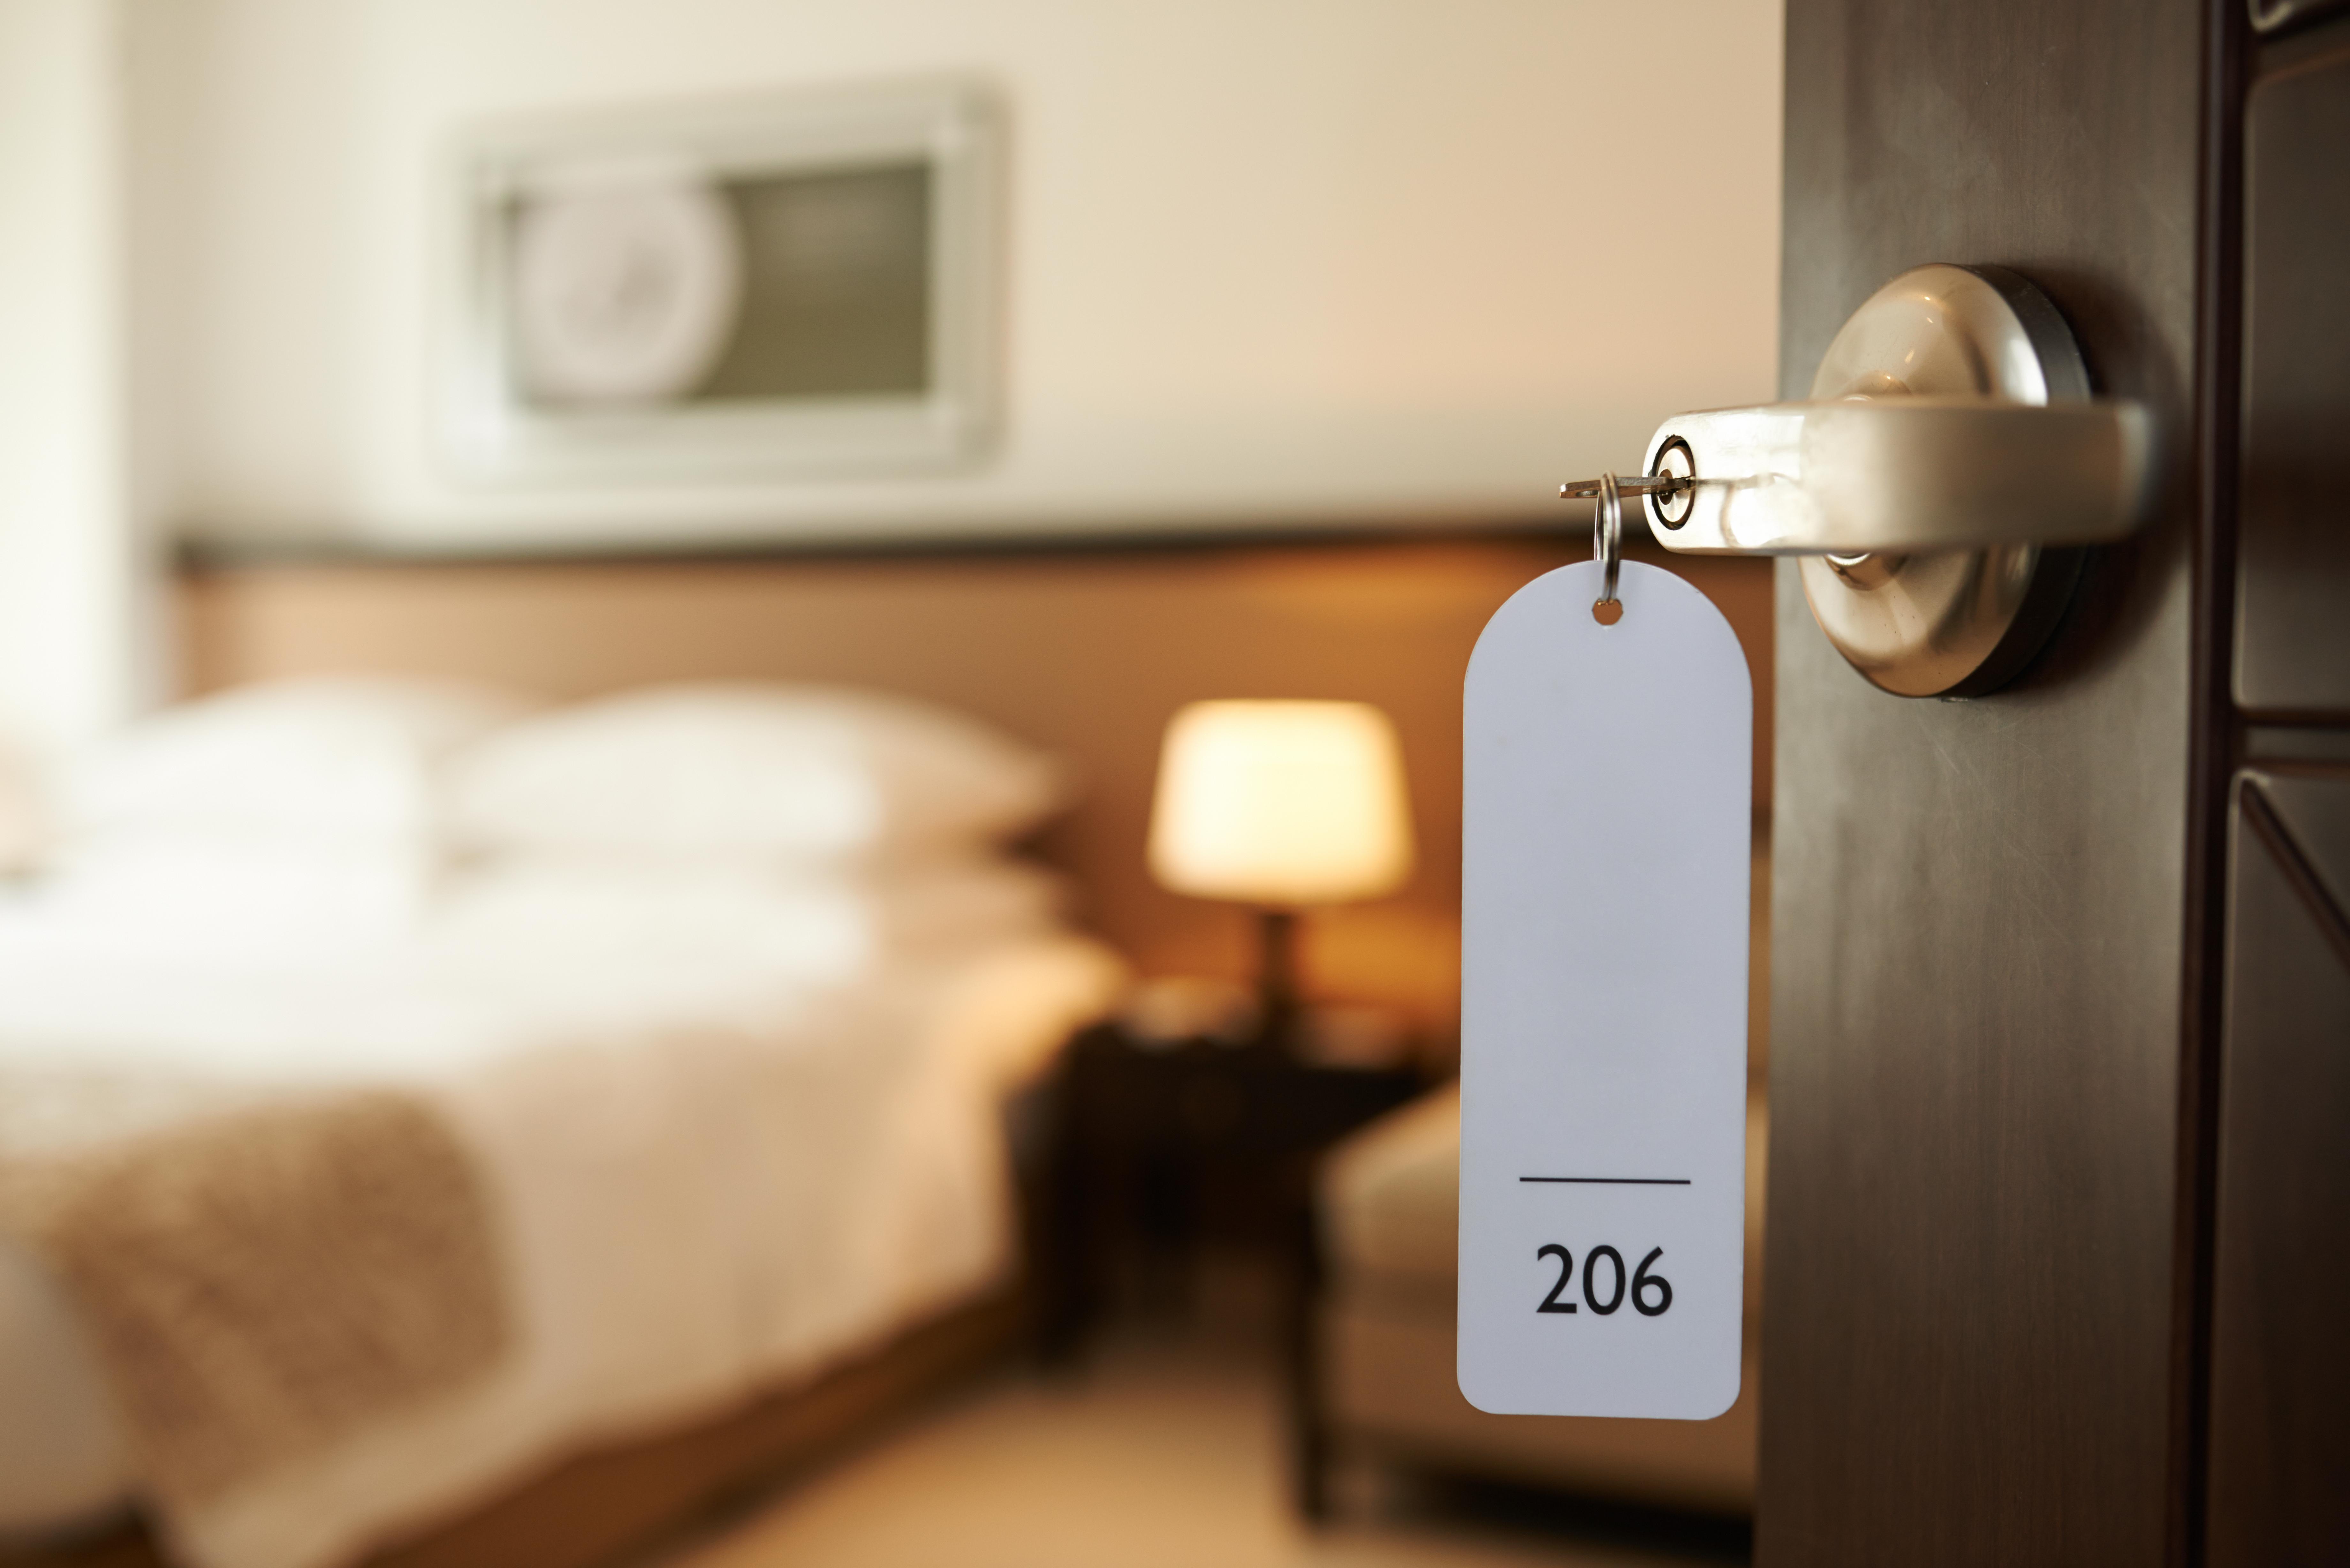 Opened door of hotel room with key in the lock.